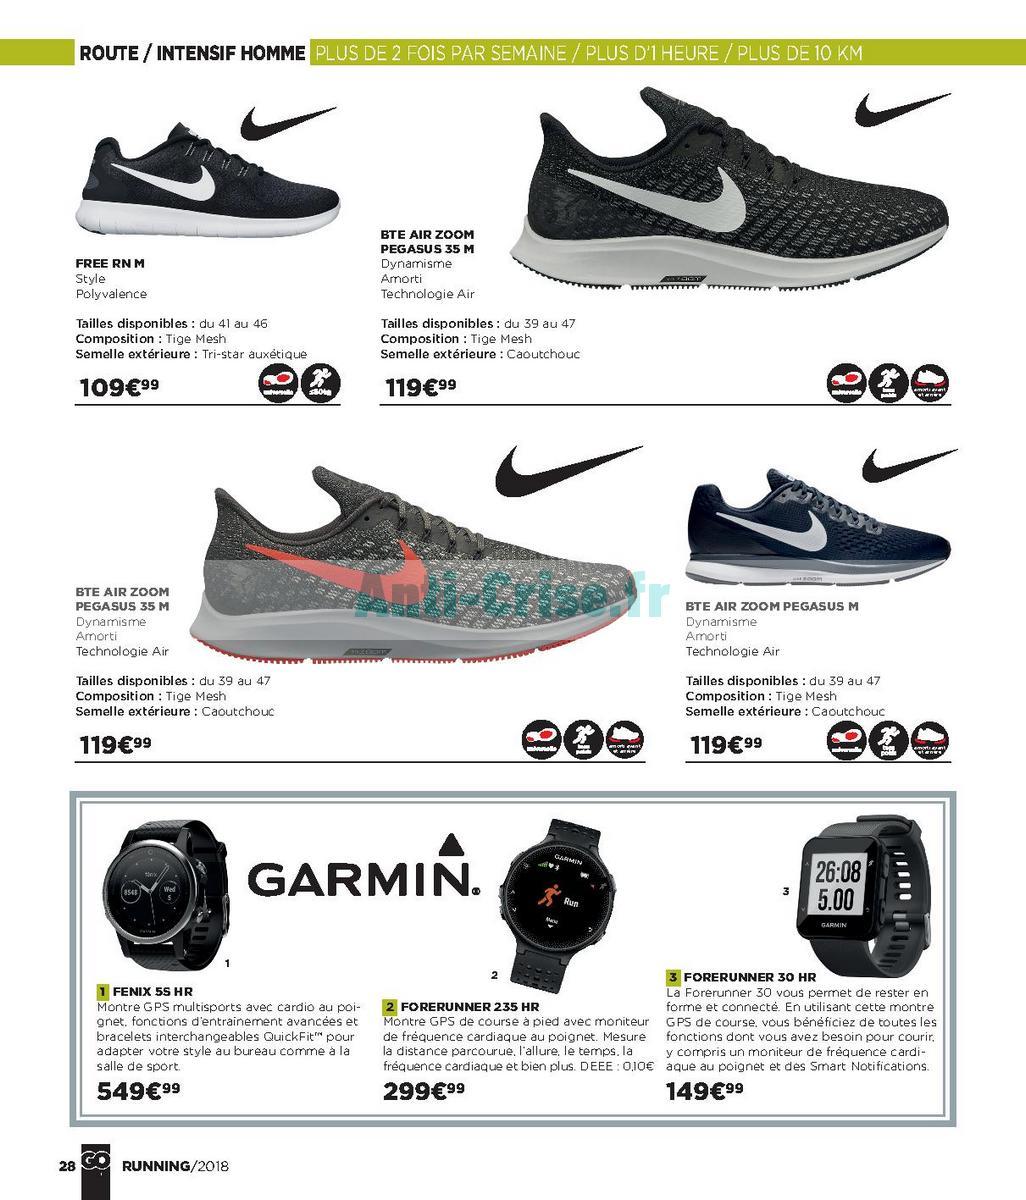 septembre2018 Catalogue Go Sport du 28 avril au 21 septembre 2018 (Running) (28)